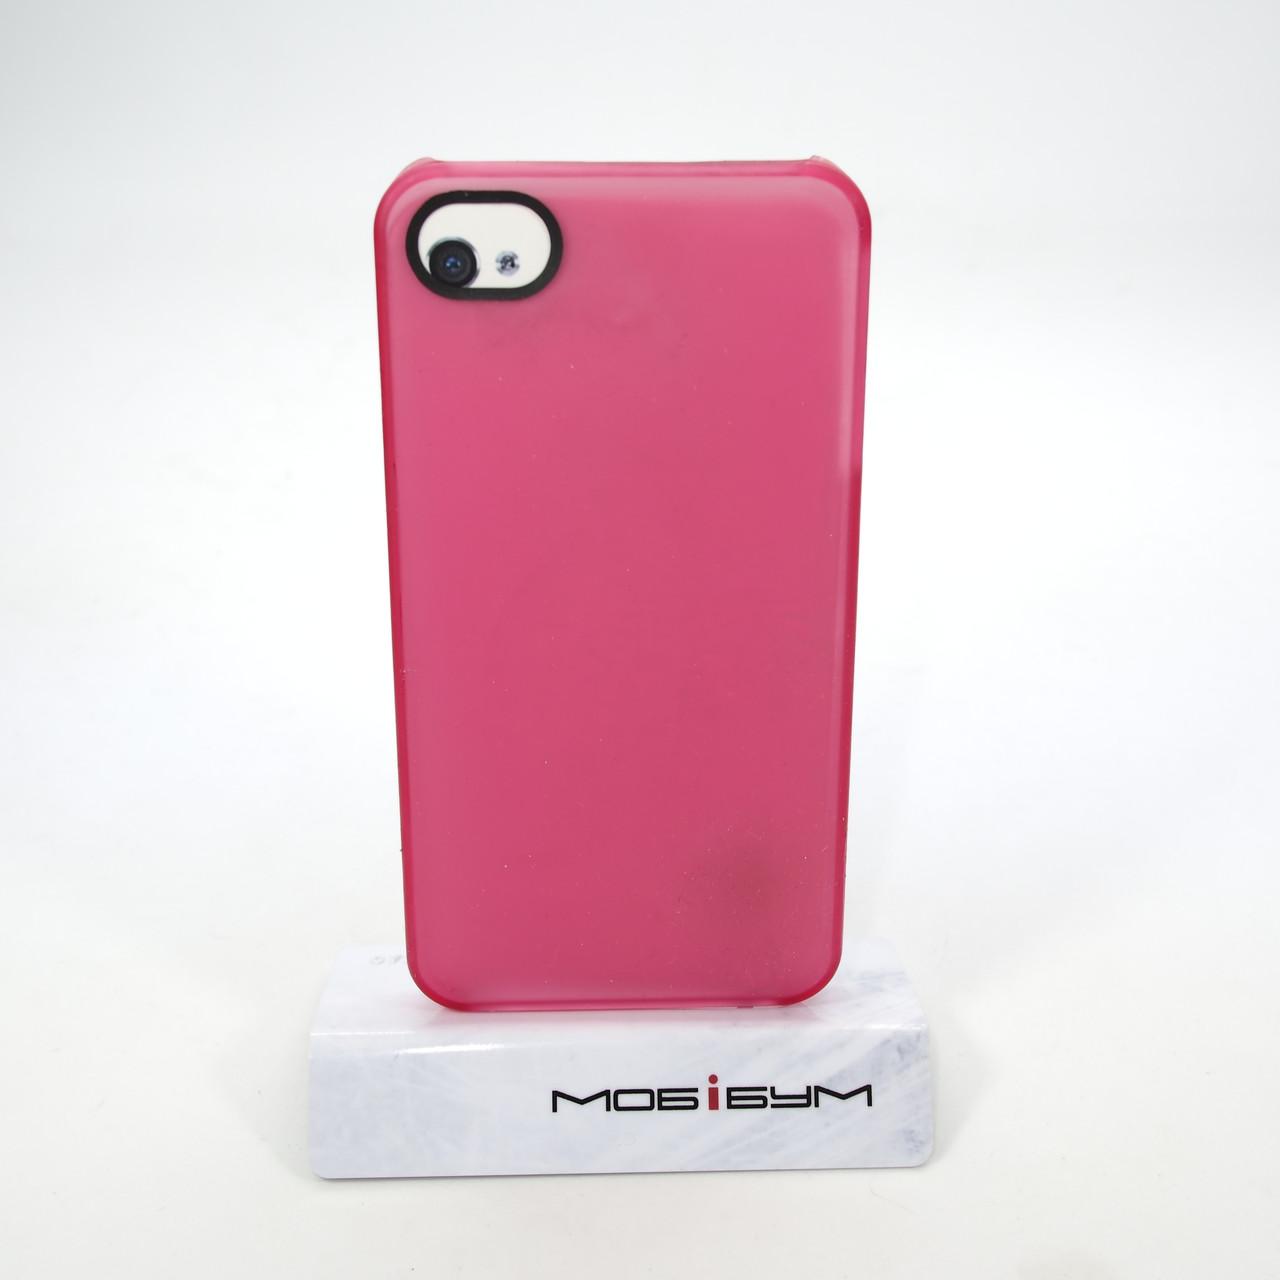 Чехол iLuv Overley iPhone 4/4S pink (ICC743PNK) EAN/UPC: 3924778758